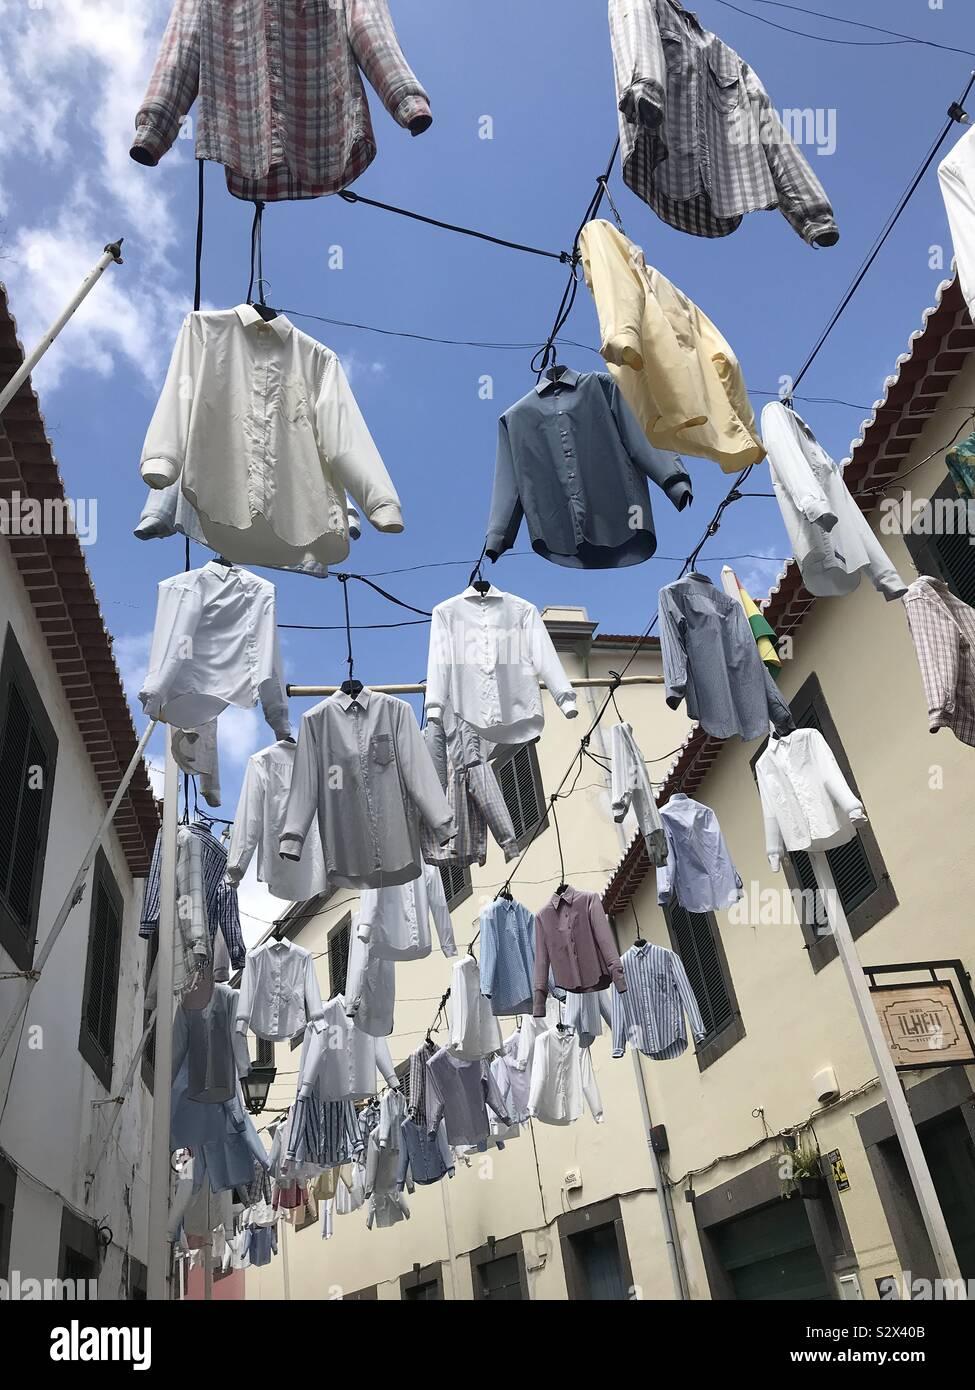 Tag waschen, Camera de Lobos Stockfoto